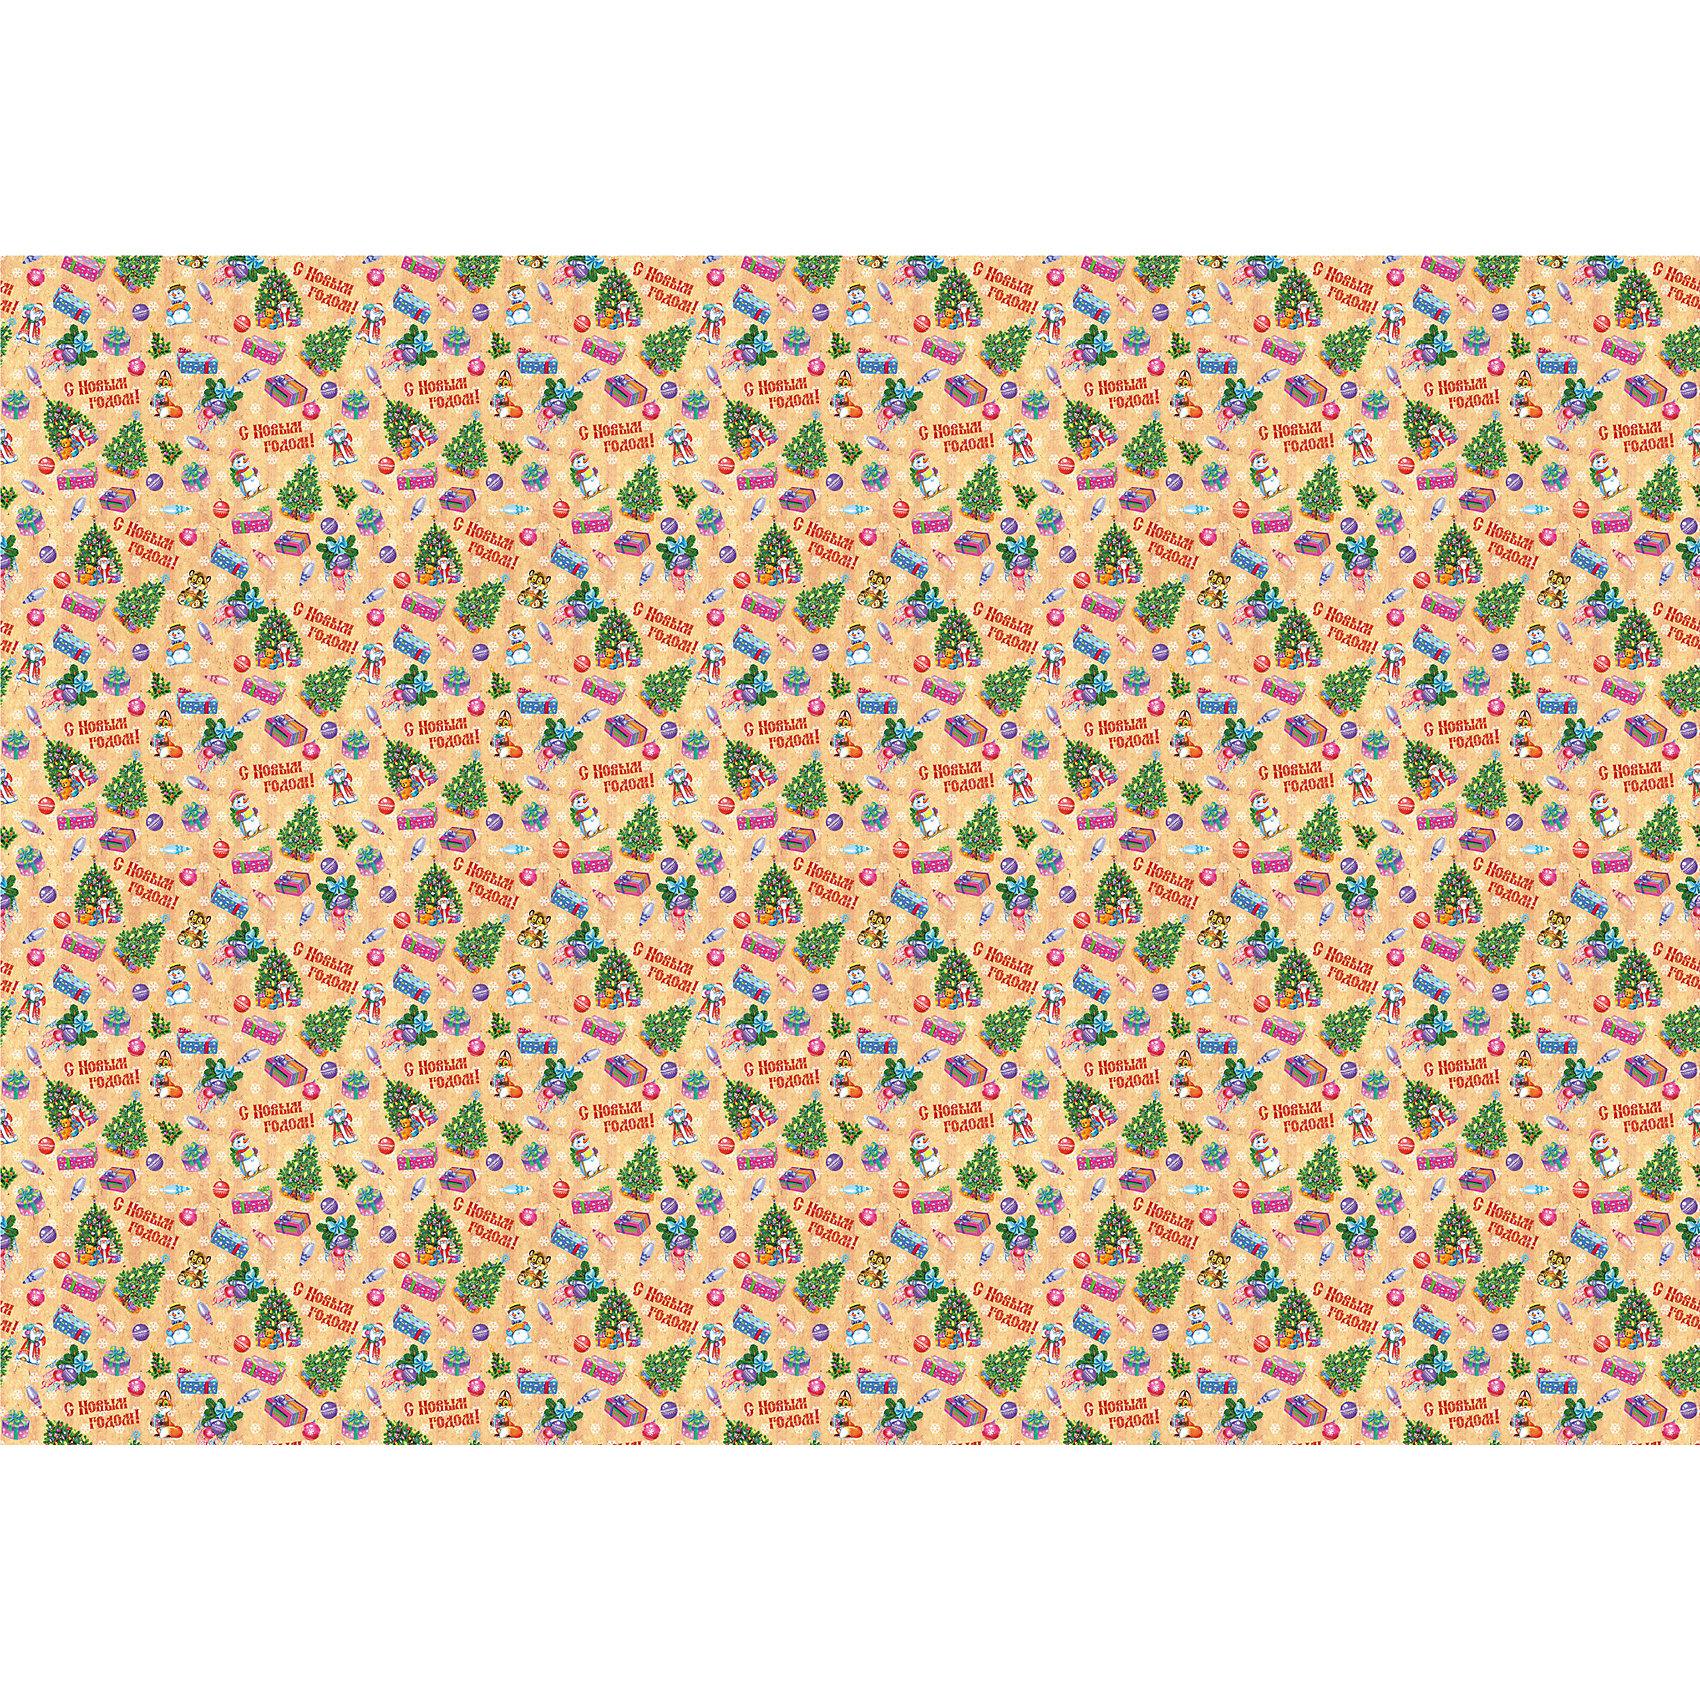 Новогодняя упаковочная бумага в рулонах Елка и снеговик, полноцветная 100x70смВсё для праздника<br>Характеристики товара:<br><br>• размер: 100х70 мм<br>• комплектация: 1 шт<br>• материал: бумага<br>• с орнаментом<br>• страна производства: Китай<br><br>Подарки в красивых упаковках - неотъемлемая часть приятных новогодних ритуалов! Эта подарочная бумага будет отлично смотреться в под ёлкой, она качественно выполнена и нарядно выглядит благодаря яркому рисунку. С такой упаковкой подарок будет и дарить и принимать приятнее! Продаётся в листах размером 100х70 сантиметров.<br>Такие небольшие детали и создают праздник! От них во многом зависит хорошее новогоднее настроение. Изделие производится из качественных сертифицированных материалов, безопасных даже для самых маленьких.<br><br>Новогоднюю упаковочную бумагу в рулонах Елка и снеговик, полноцветная 100x70см можно купить в нашем интернет-магазине.<br><br>Ширина мм: 700<br>Глубина мм: 1000<br>Высота мм: 20<br>Вес г: 300<br>Возраст от месяцев: 72<br>Возраст до месяцев: 480<br>Пол: Унисекс<br>Возраст: Детский<br>SKU: 5051710